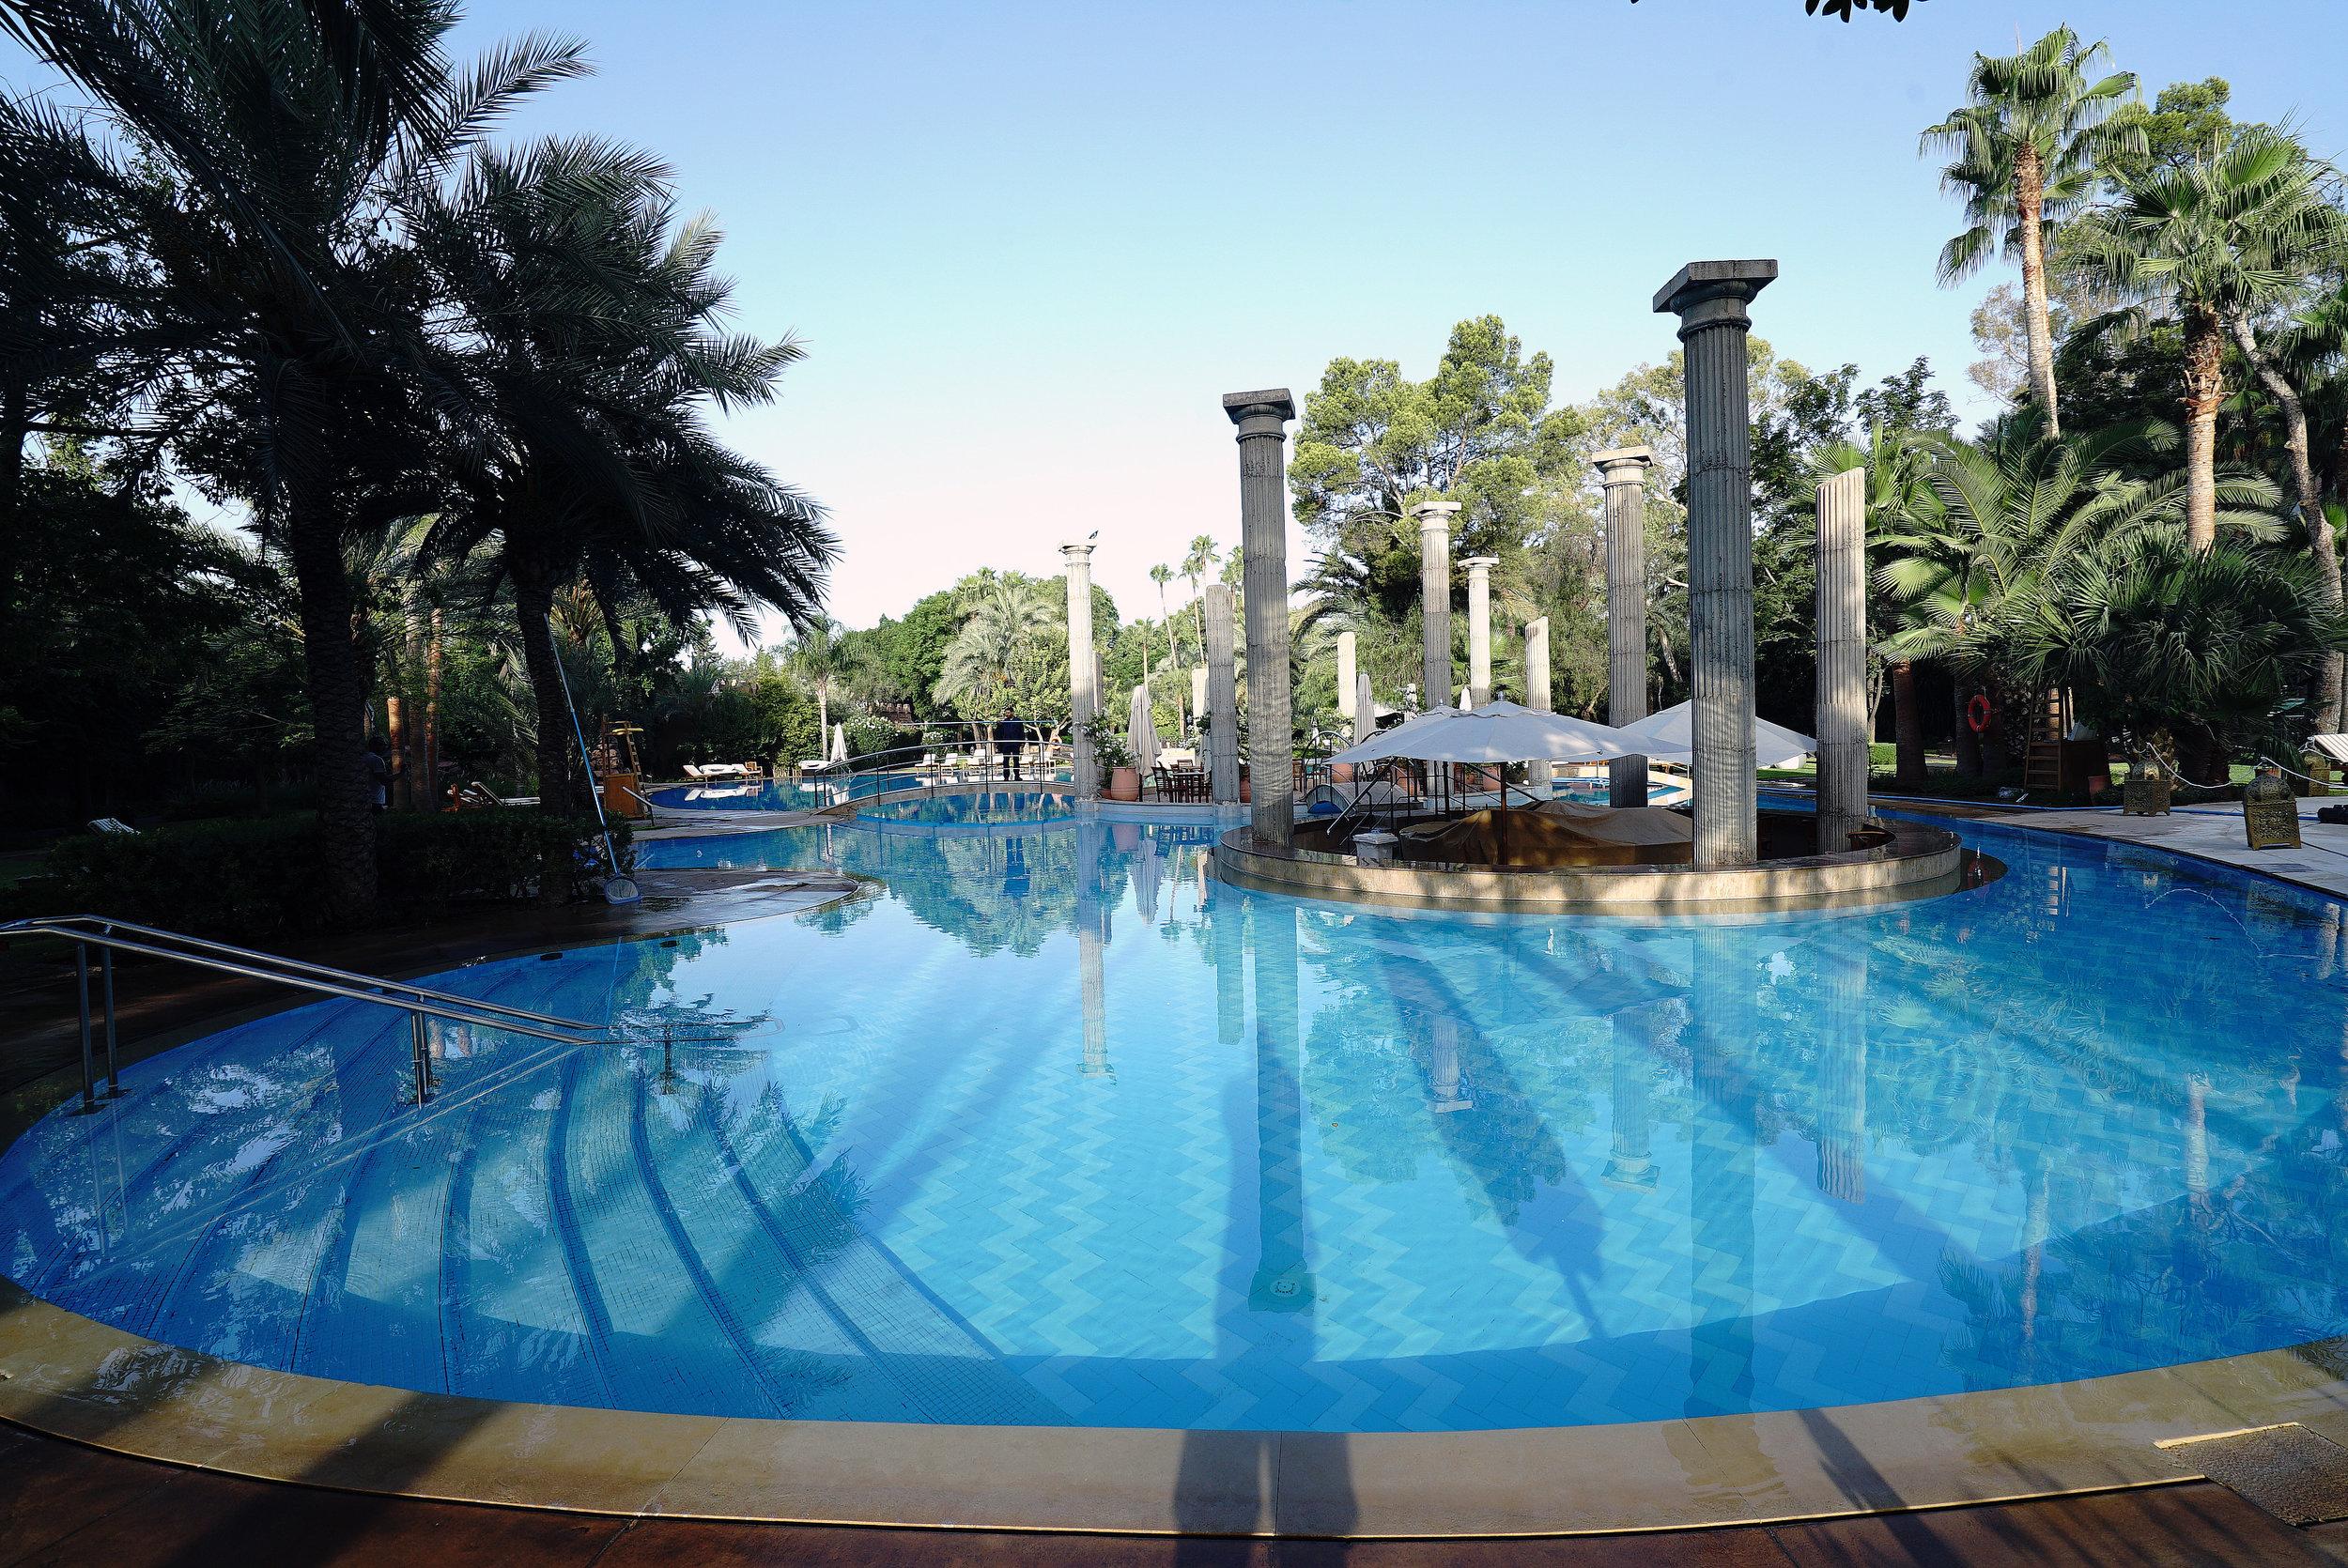 Es Saadi The Palace Swimming Pool 3.jpg